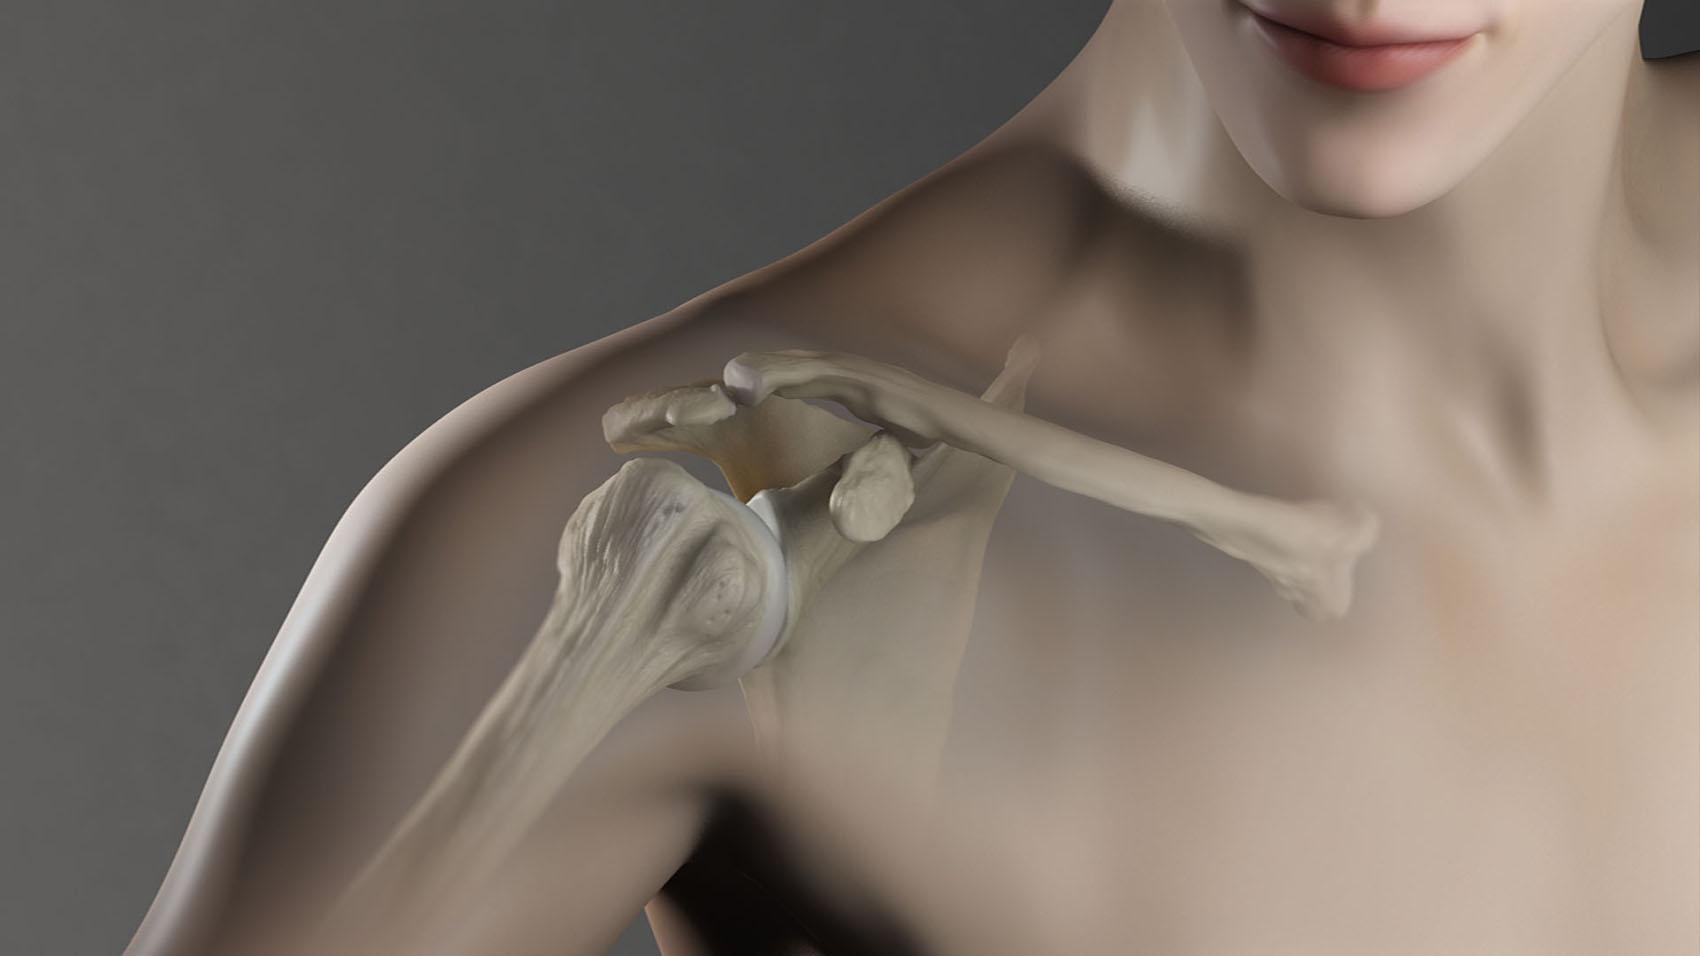 Shoulder anatomy medical illustration